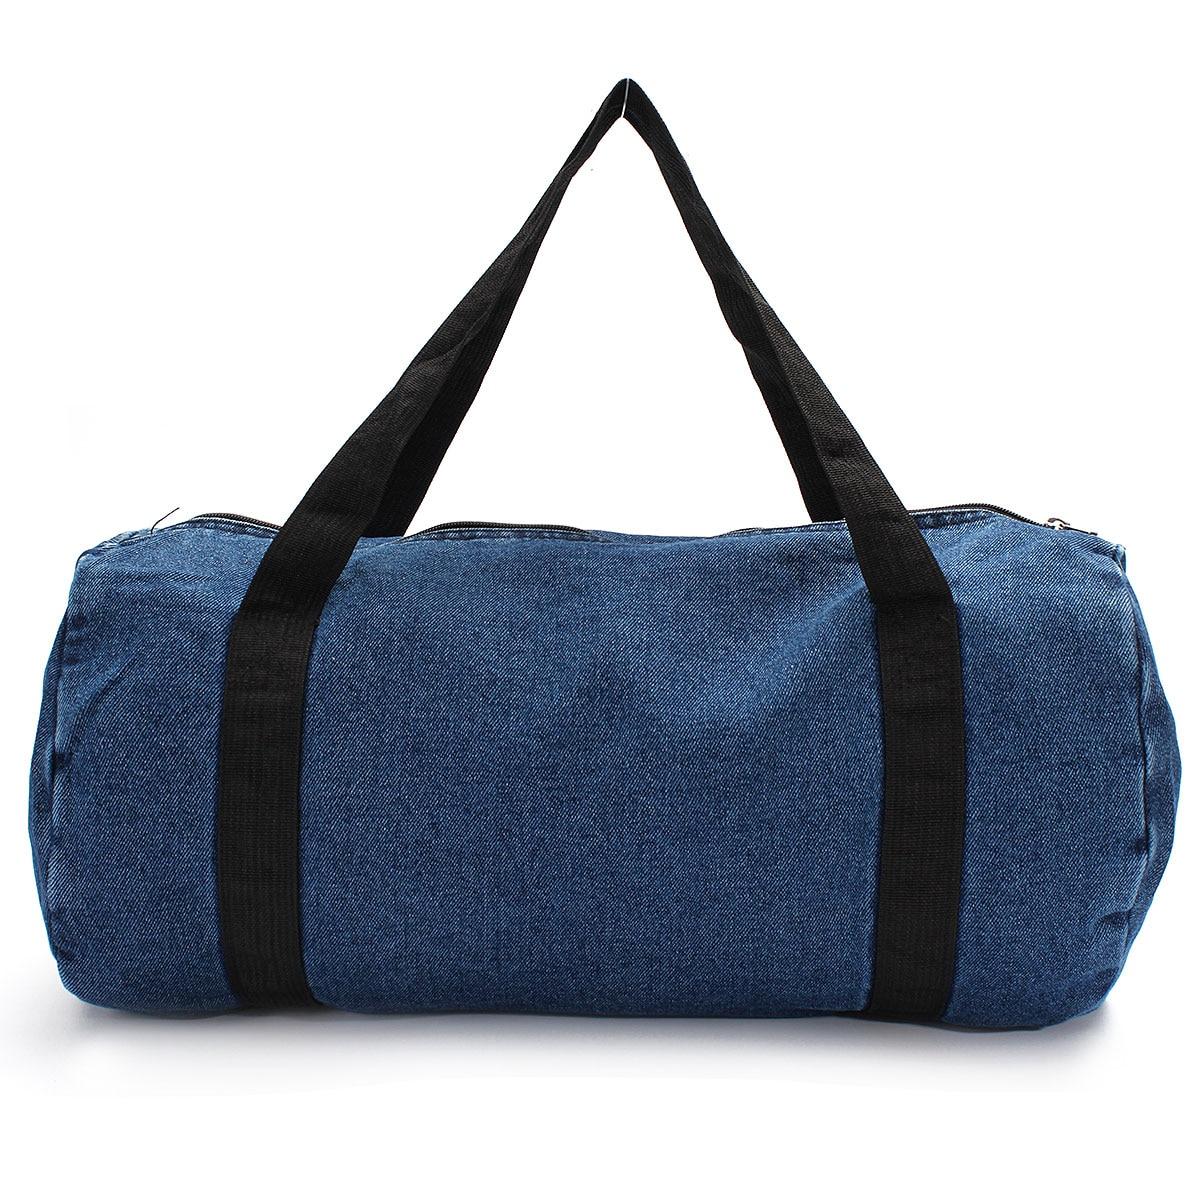 ae7a787c19b6 Outdoor Sport Gym Bag Travel Duffel Denim Jean Cloth Sport Bags Women  Fitness Yoga Training Female Duffel Luggage Handbag